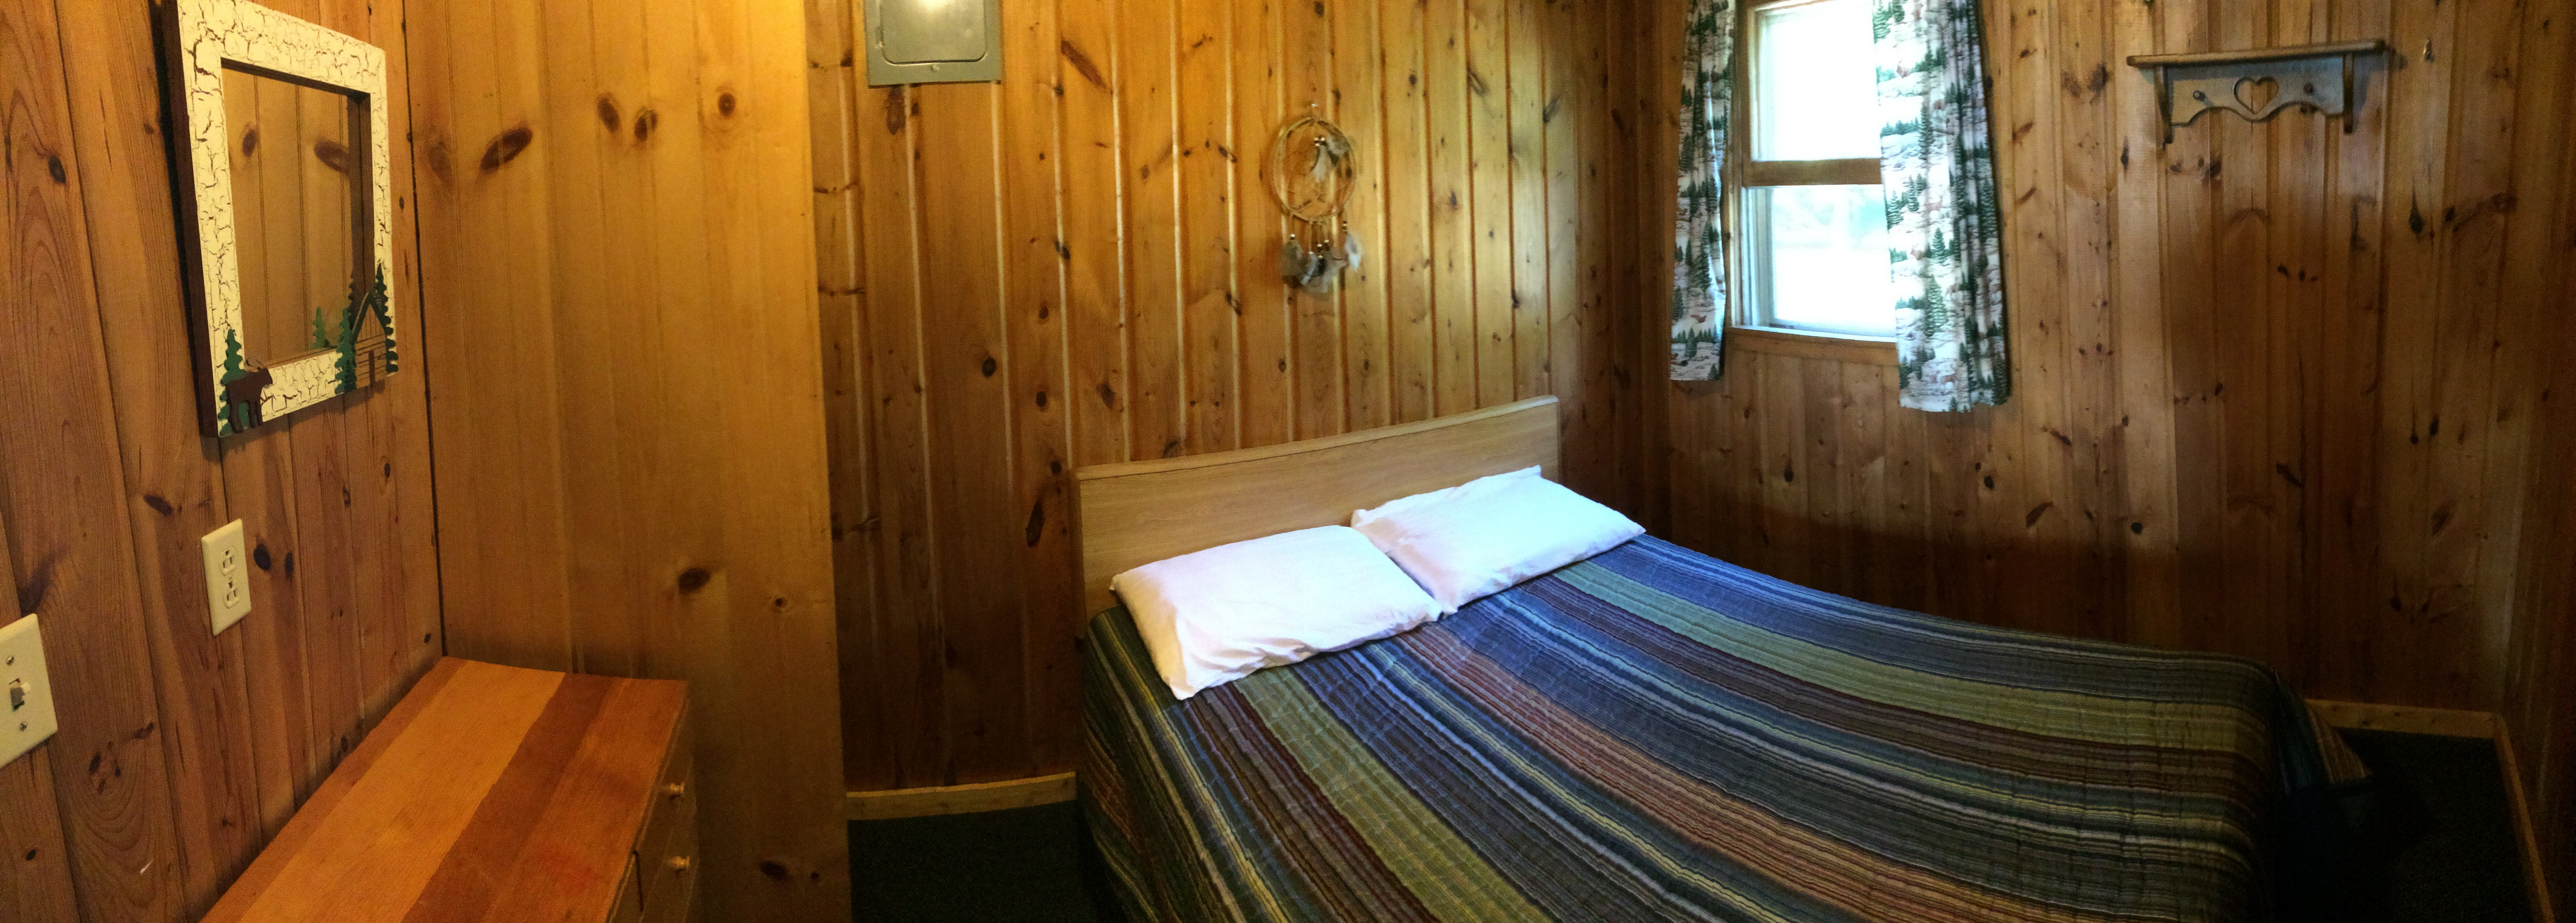 7 l bed